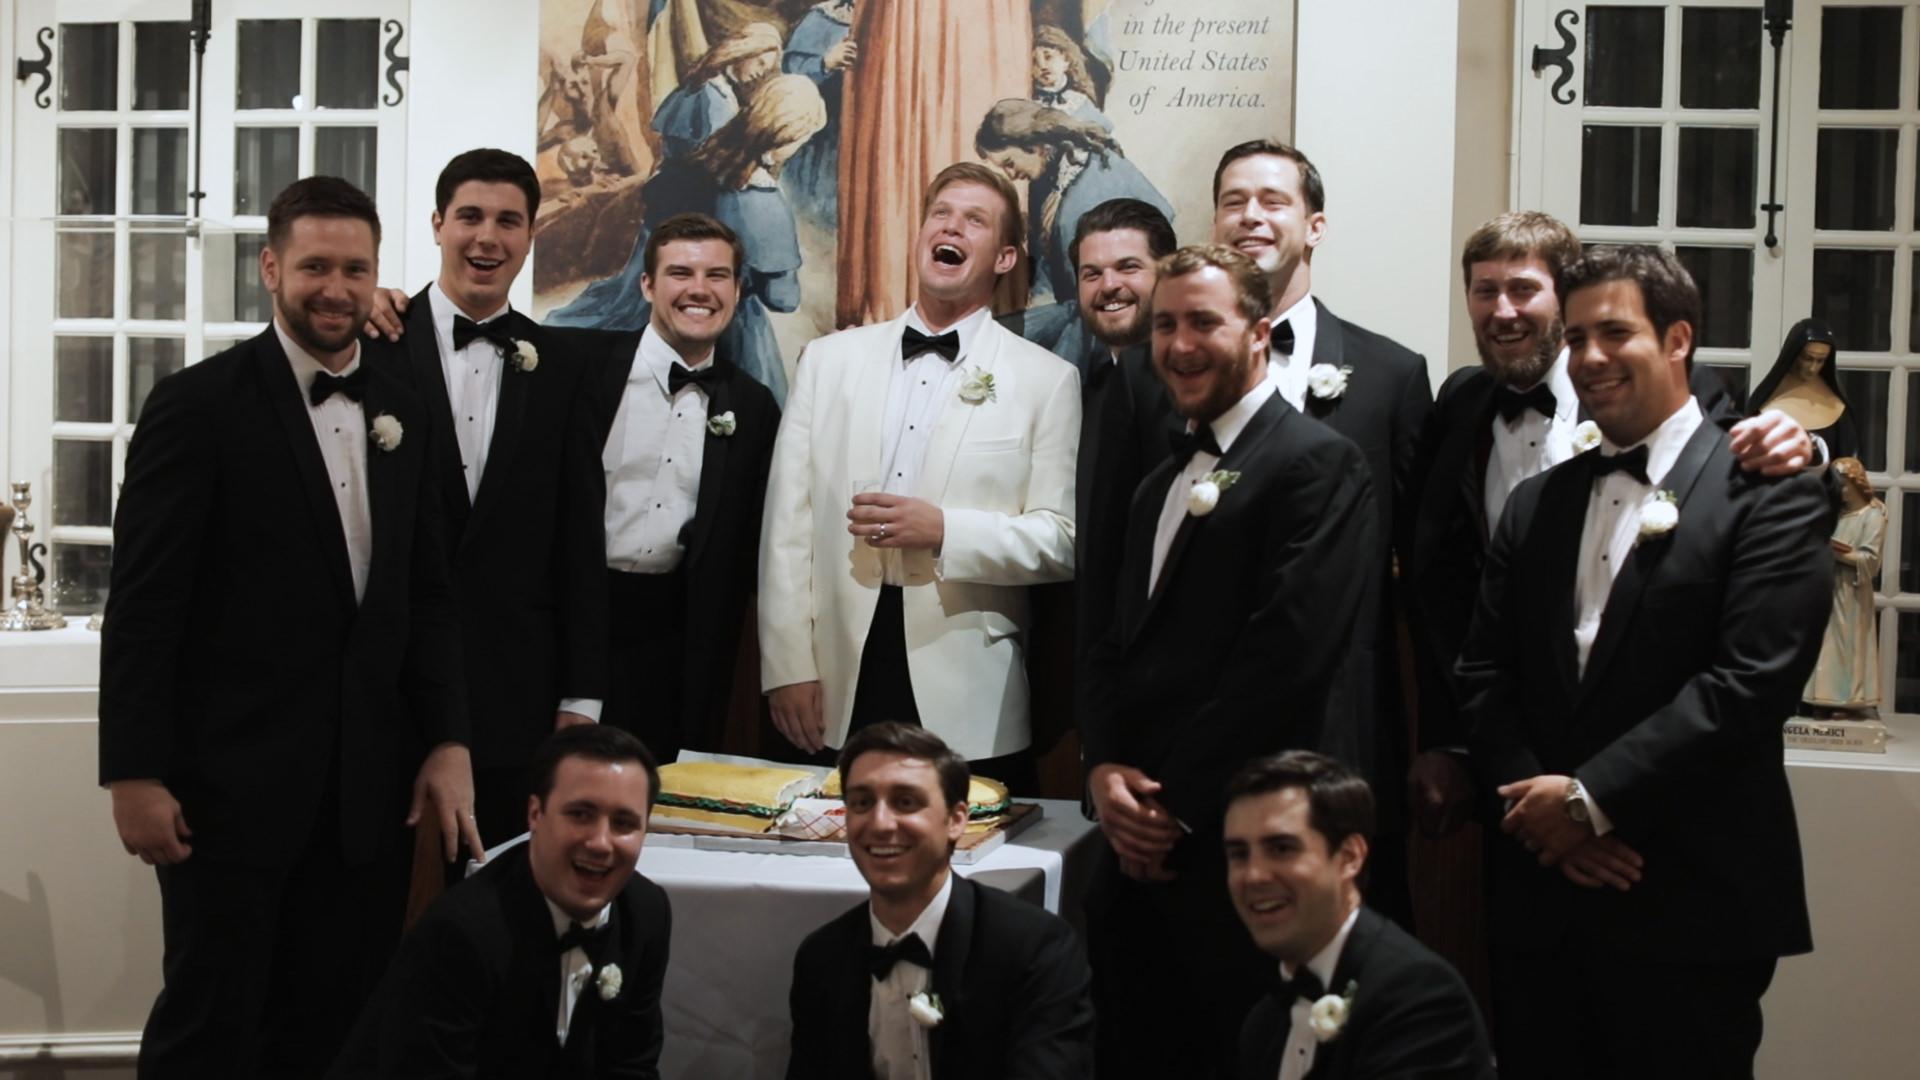 Ursuline Convent Wedding - Bride Film